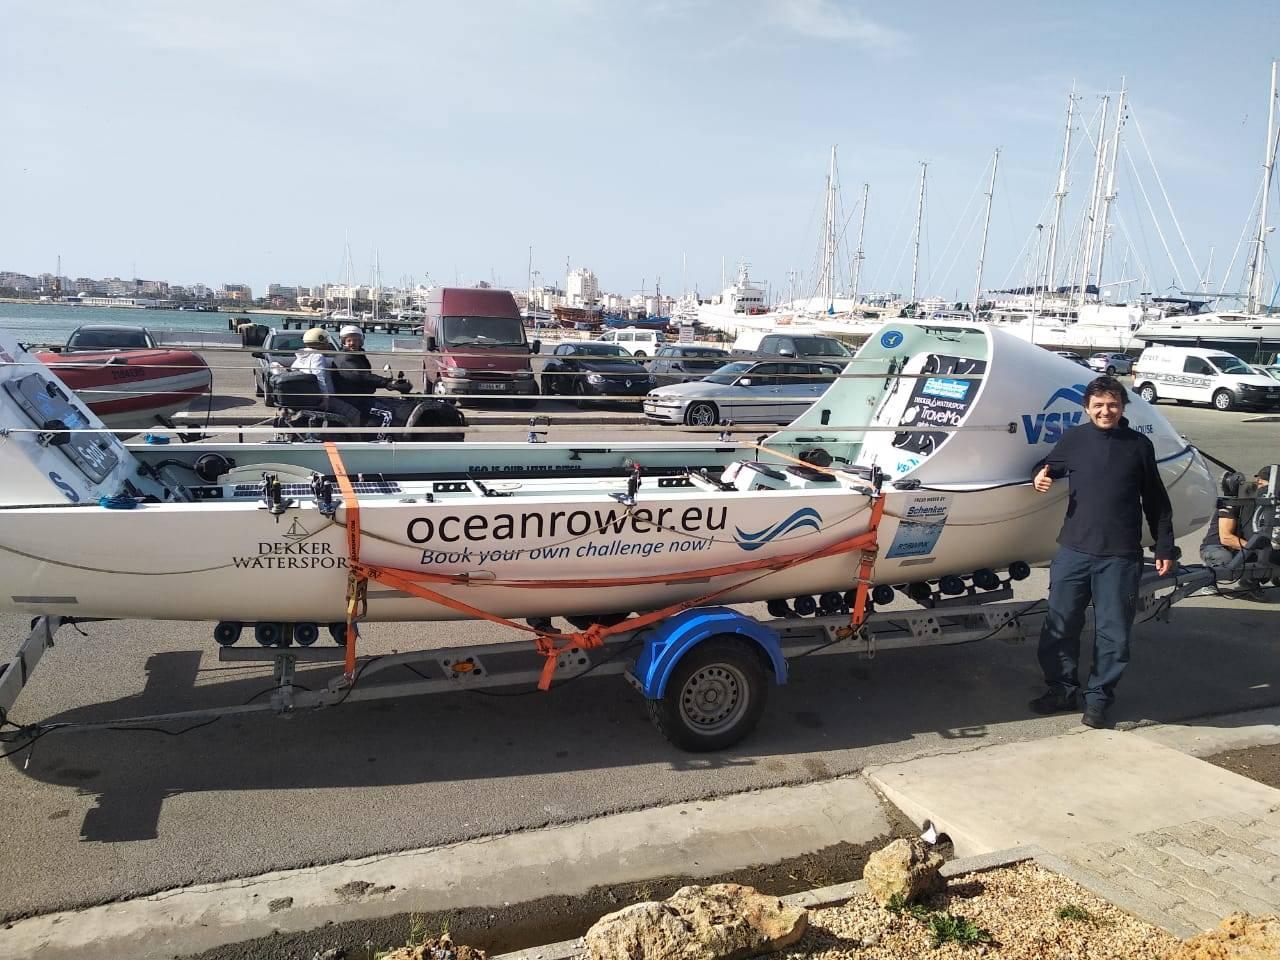 Сотрудник ВСК примет участие в установлении мирового рекорда при переходе через Атлантику